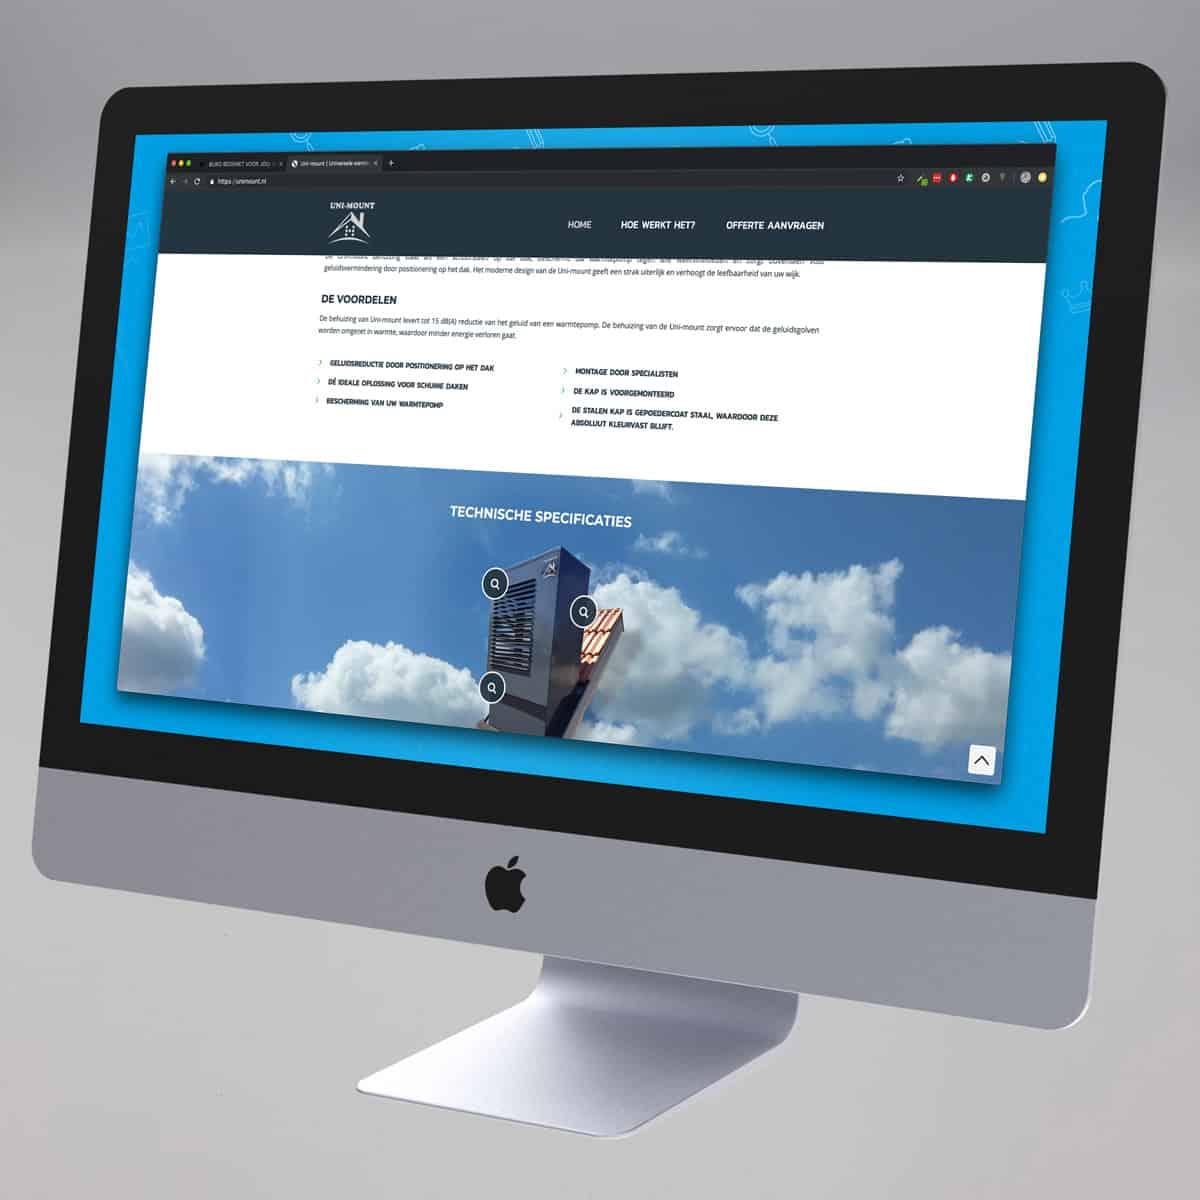 unimount-burobedenkt-website